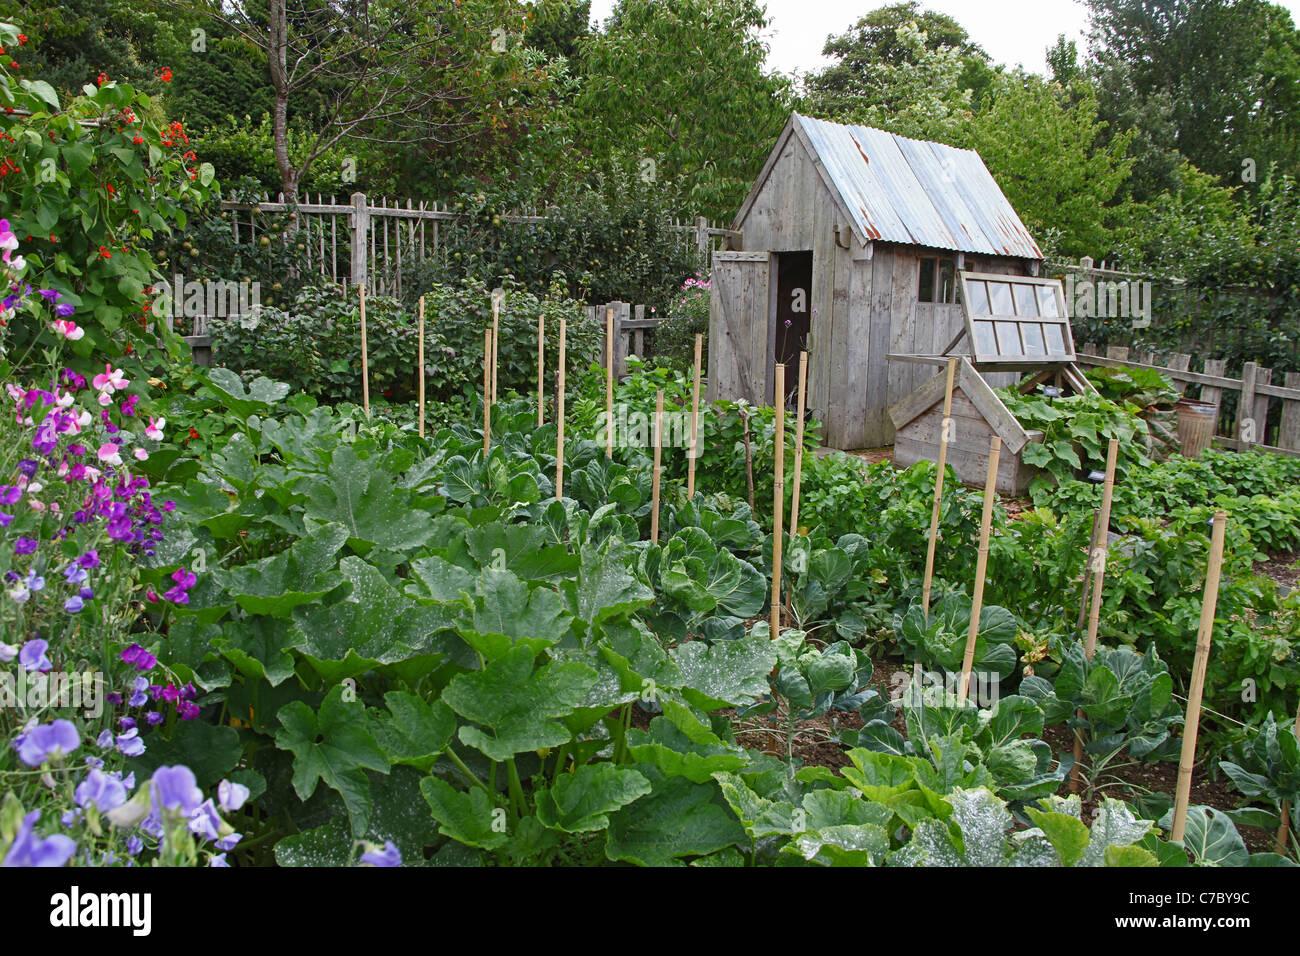 Image Result For Vegetable Gardening For Beginners Uk